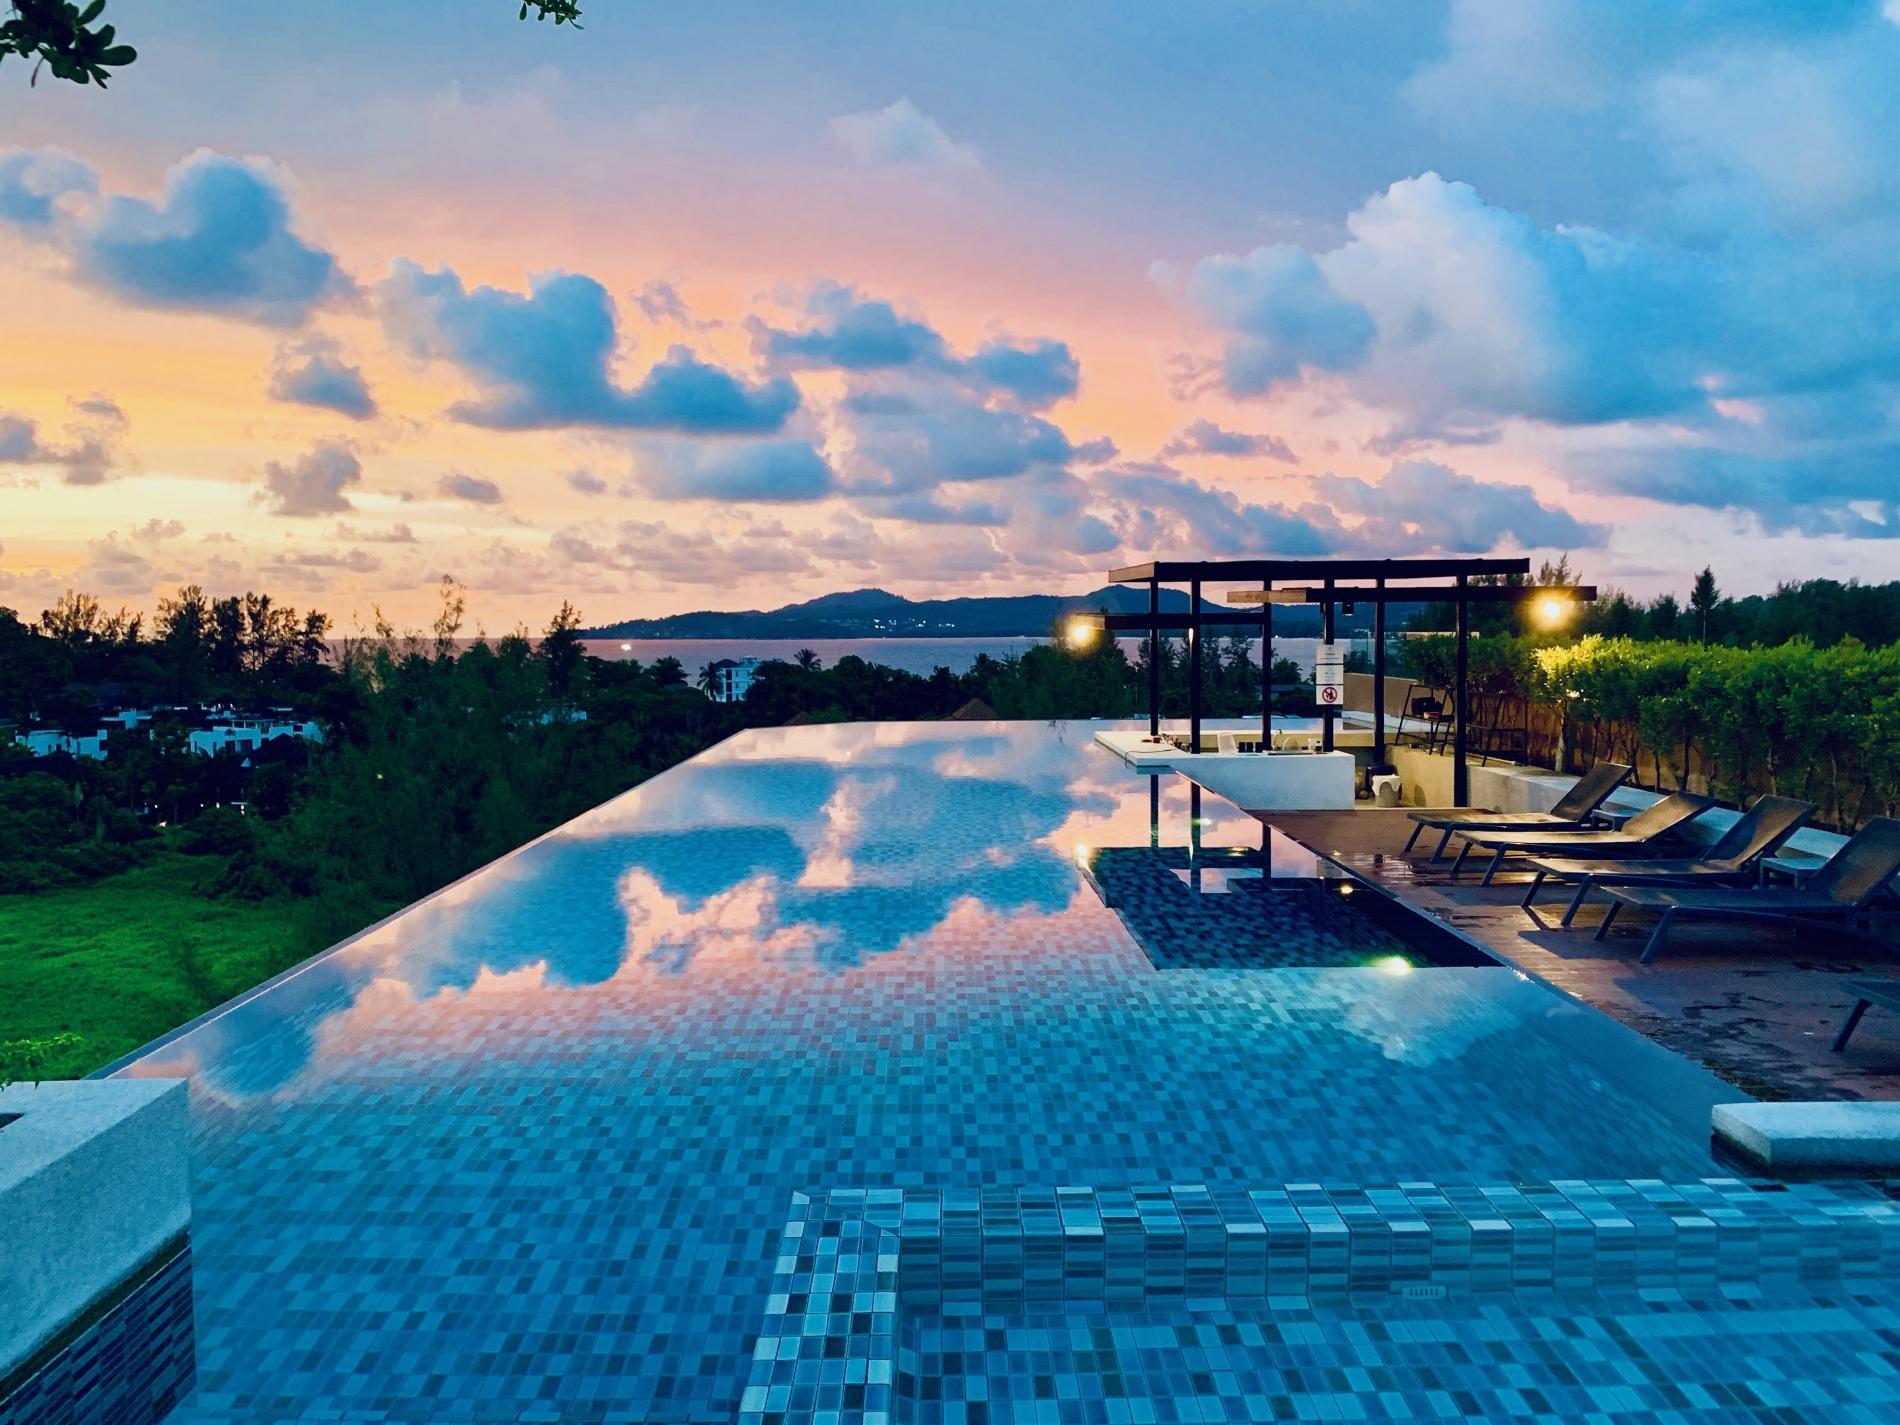 Apartment 6 Avenue Surin Beach condo  pool  gym  near beach 319 photo 25873143